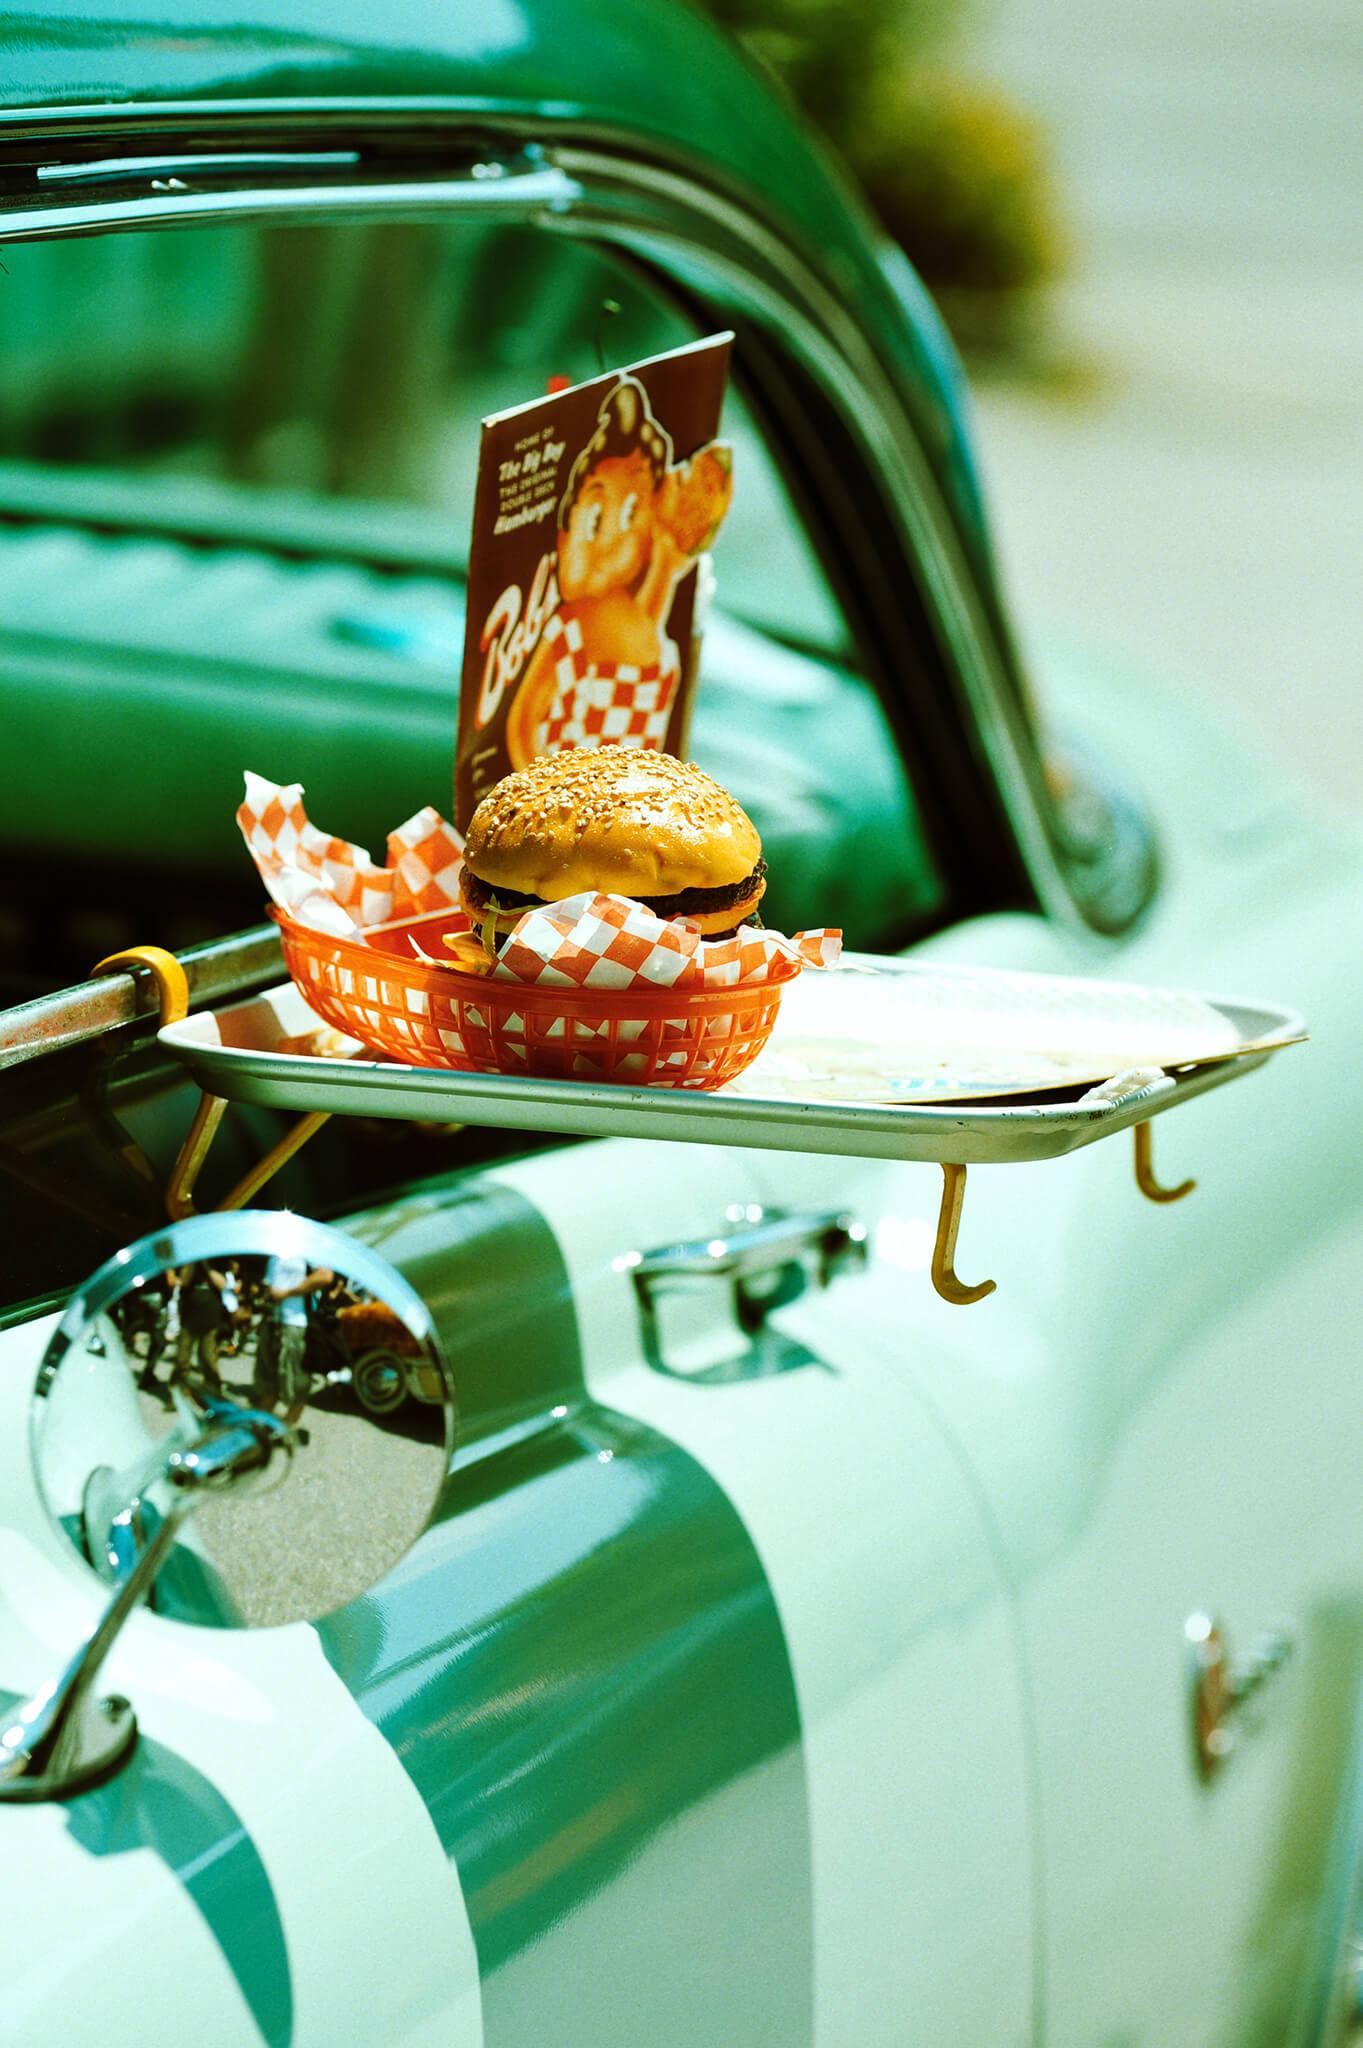 Comida no carro